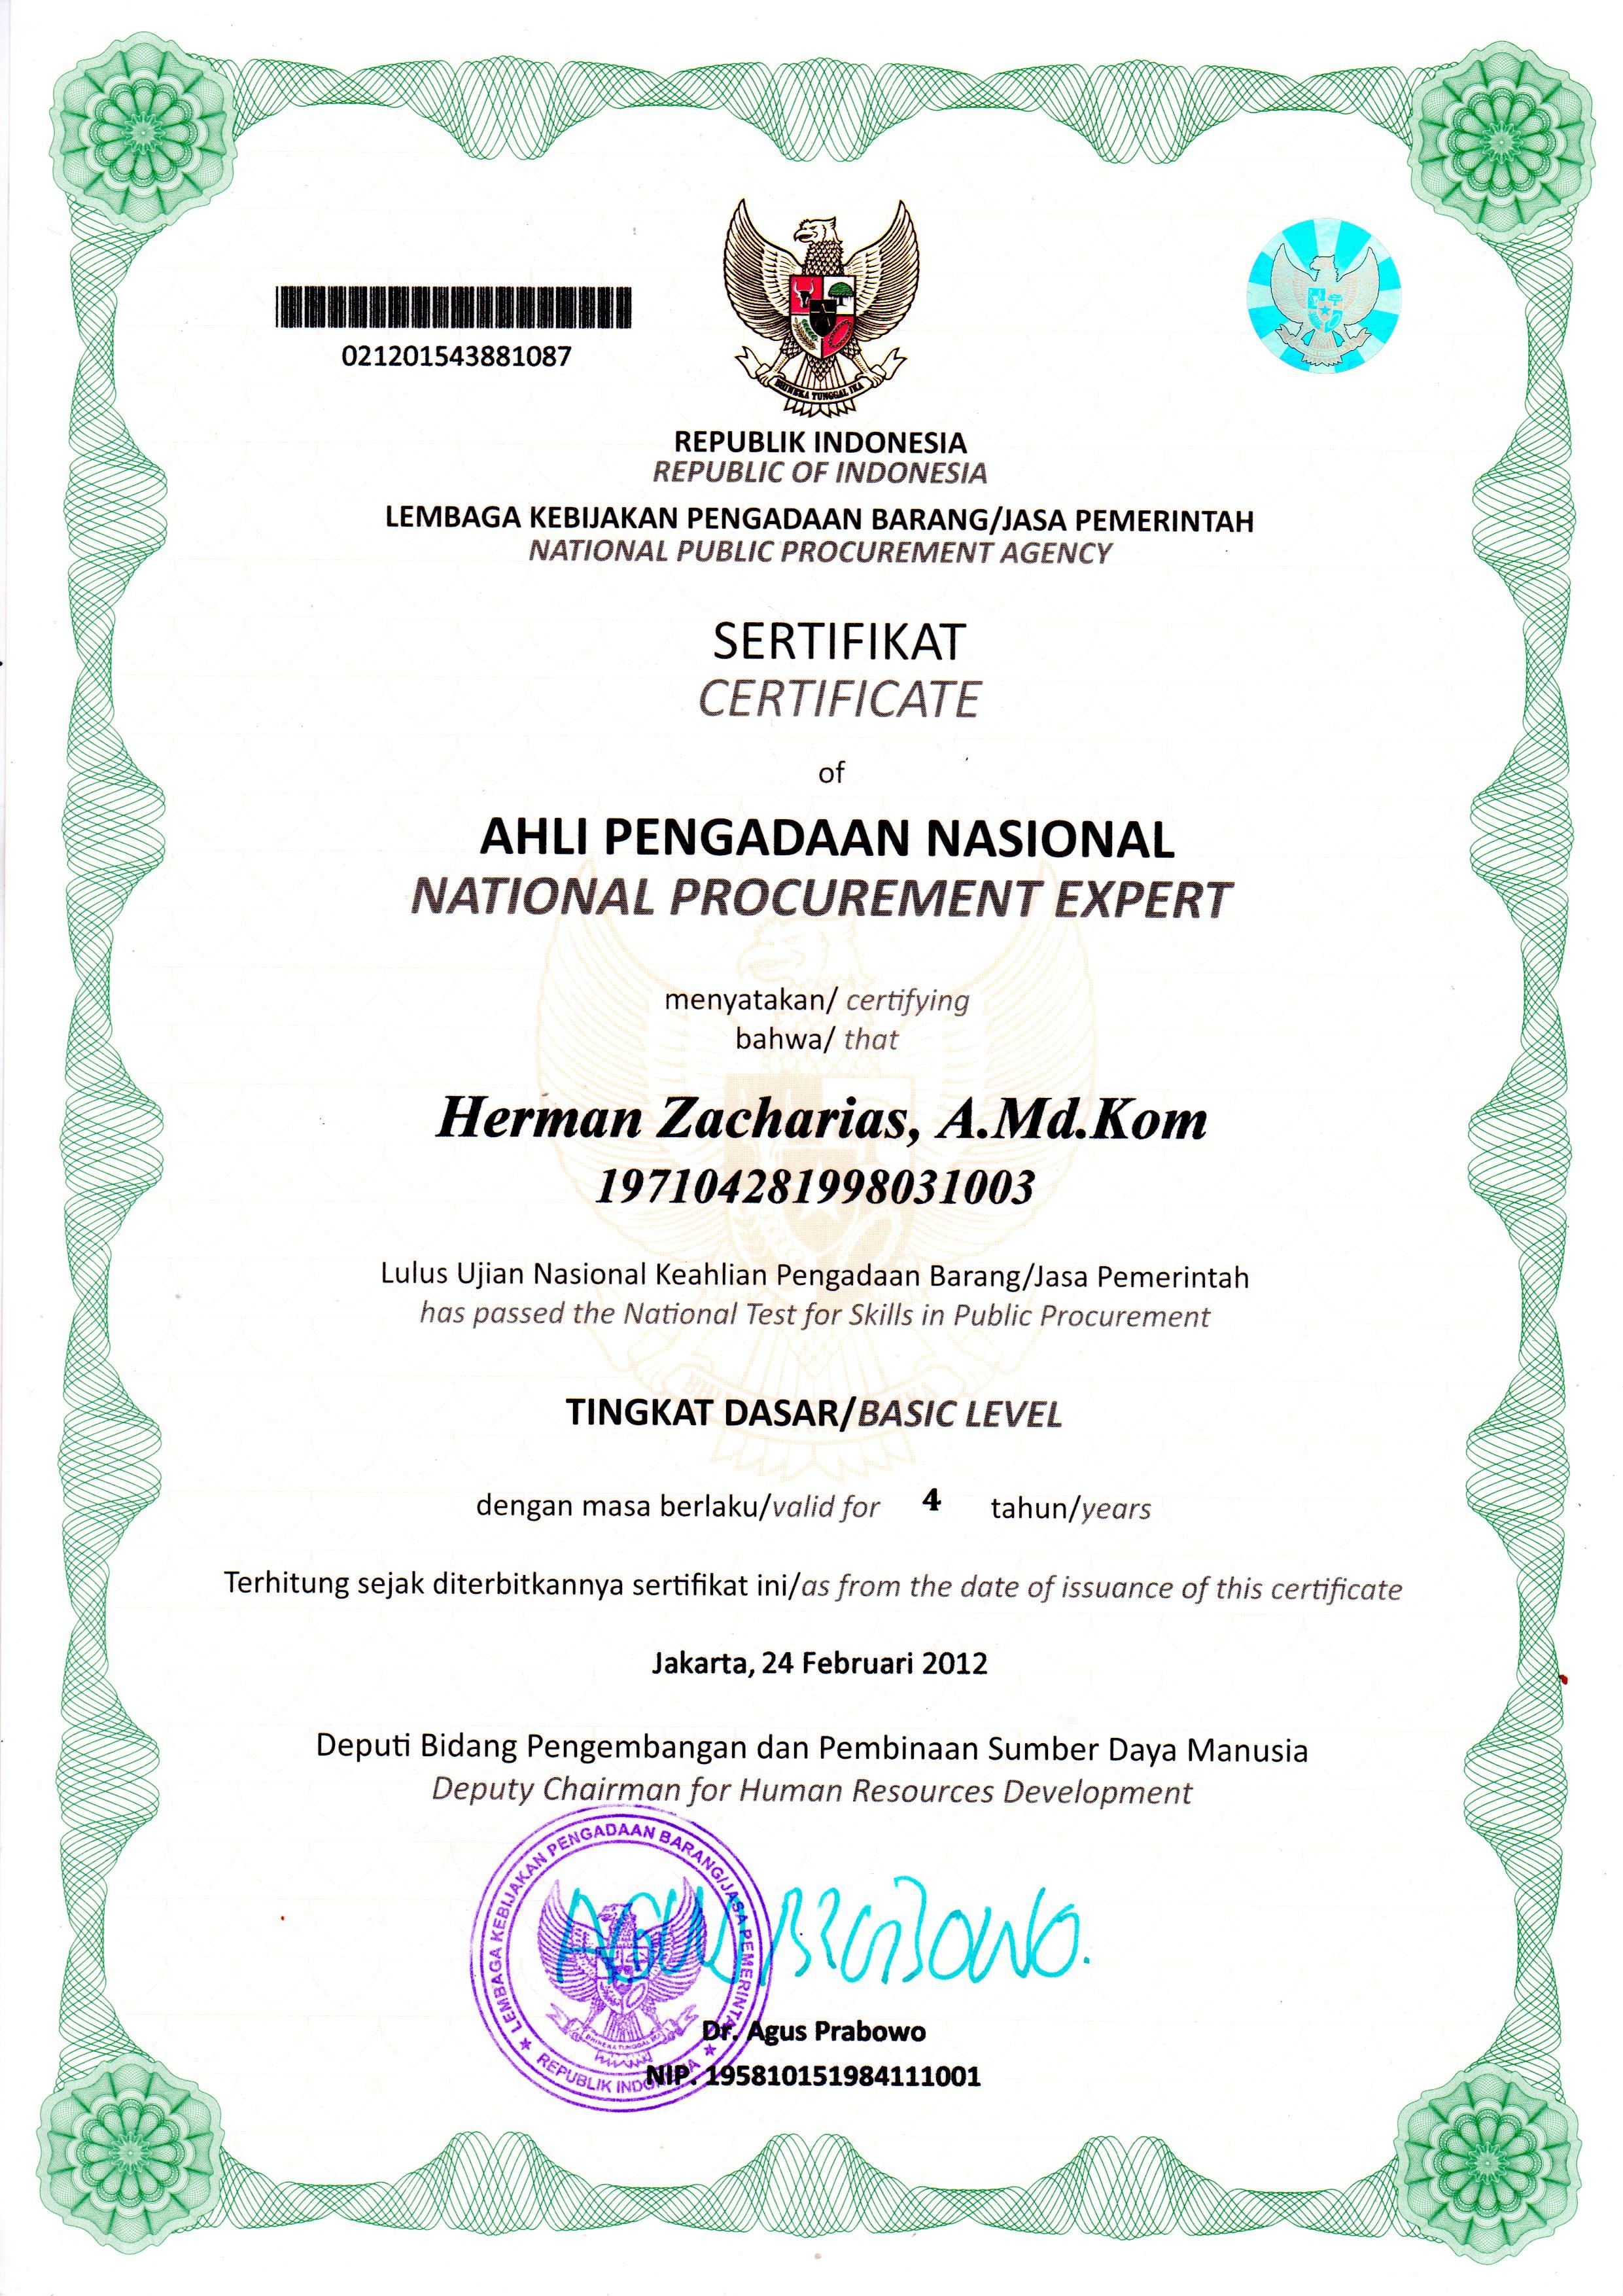 Sertifikat Ahli Pengadaan Nasional